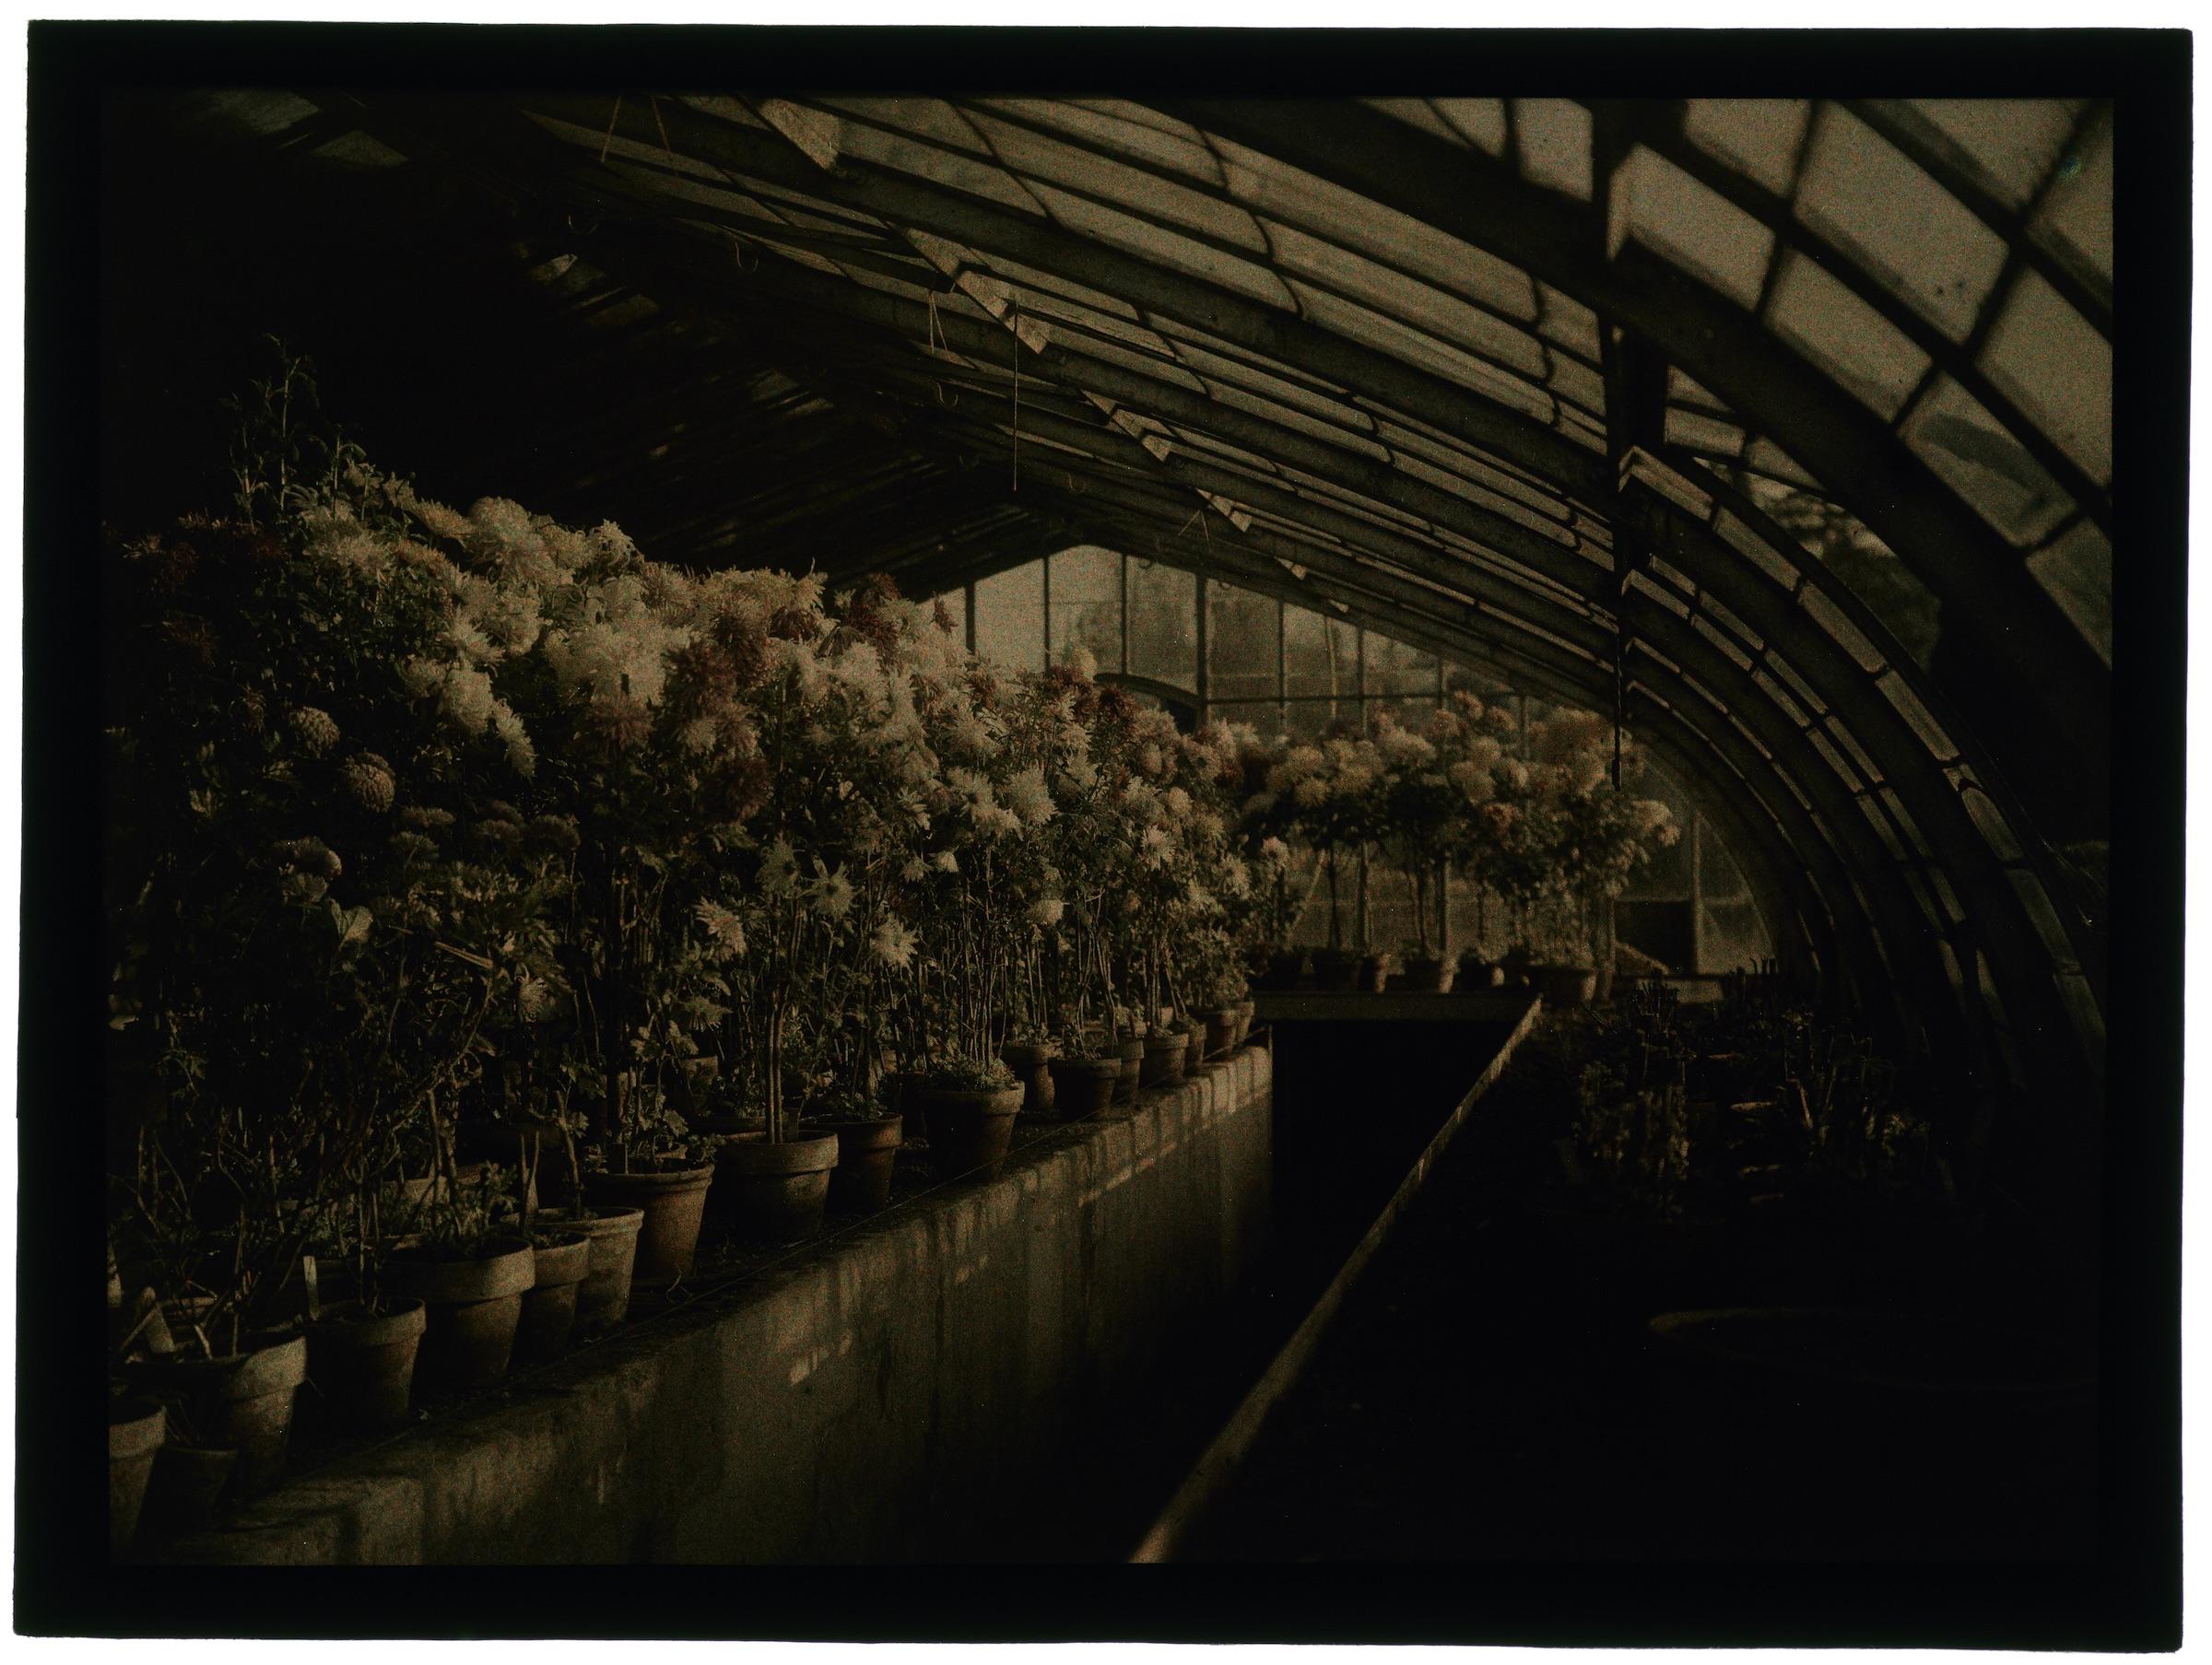 Fleurs dans les serres